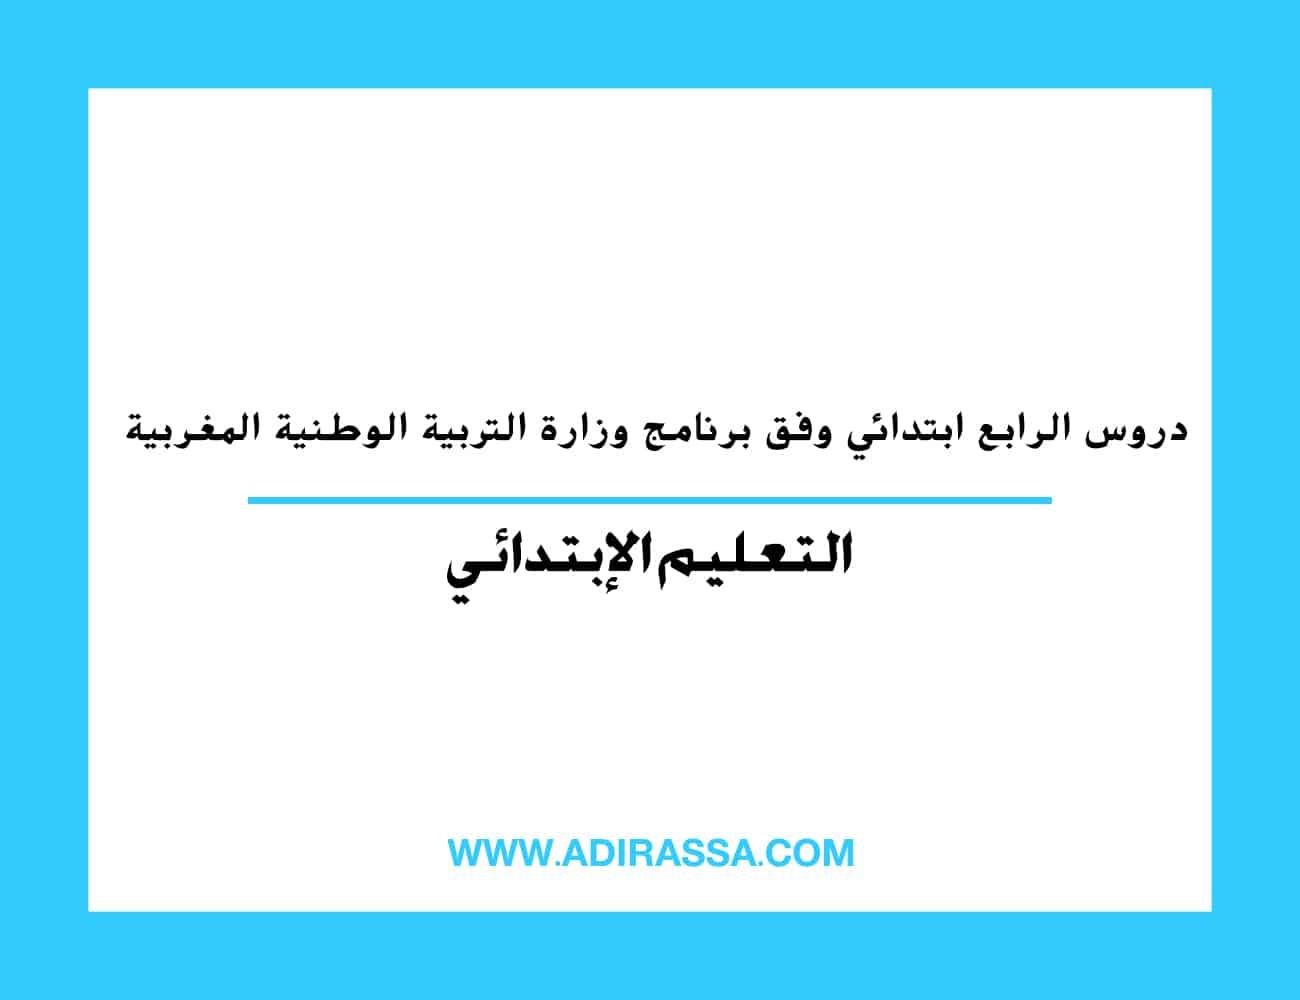 دروس الرابع ابتدائي وفق برنامج وزارة التربية الوطنية المغربية